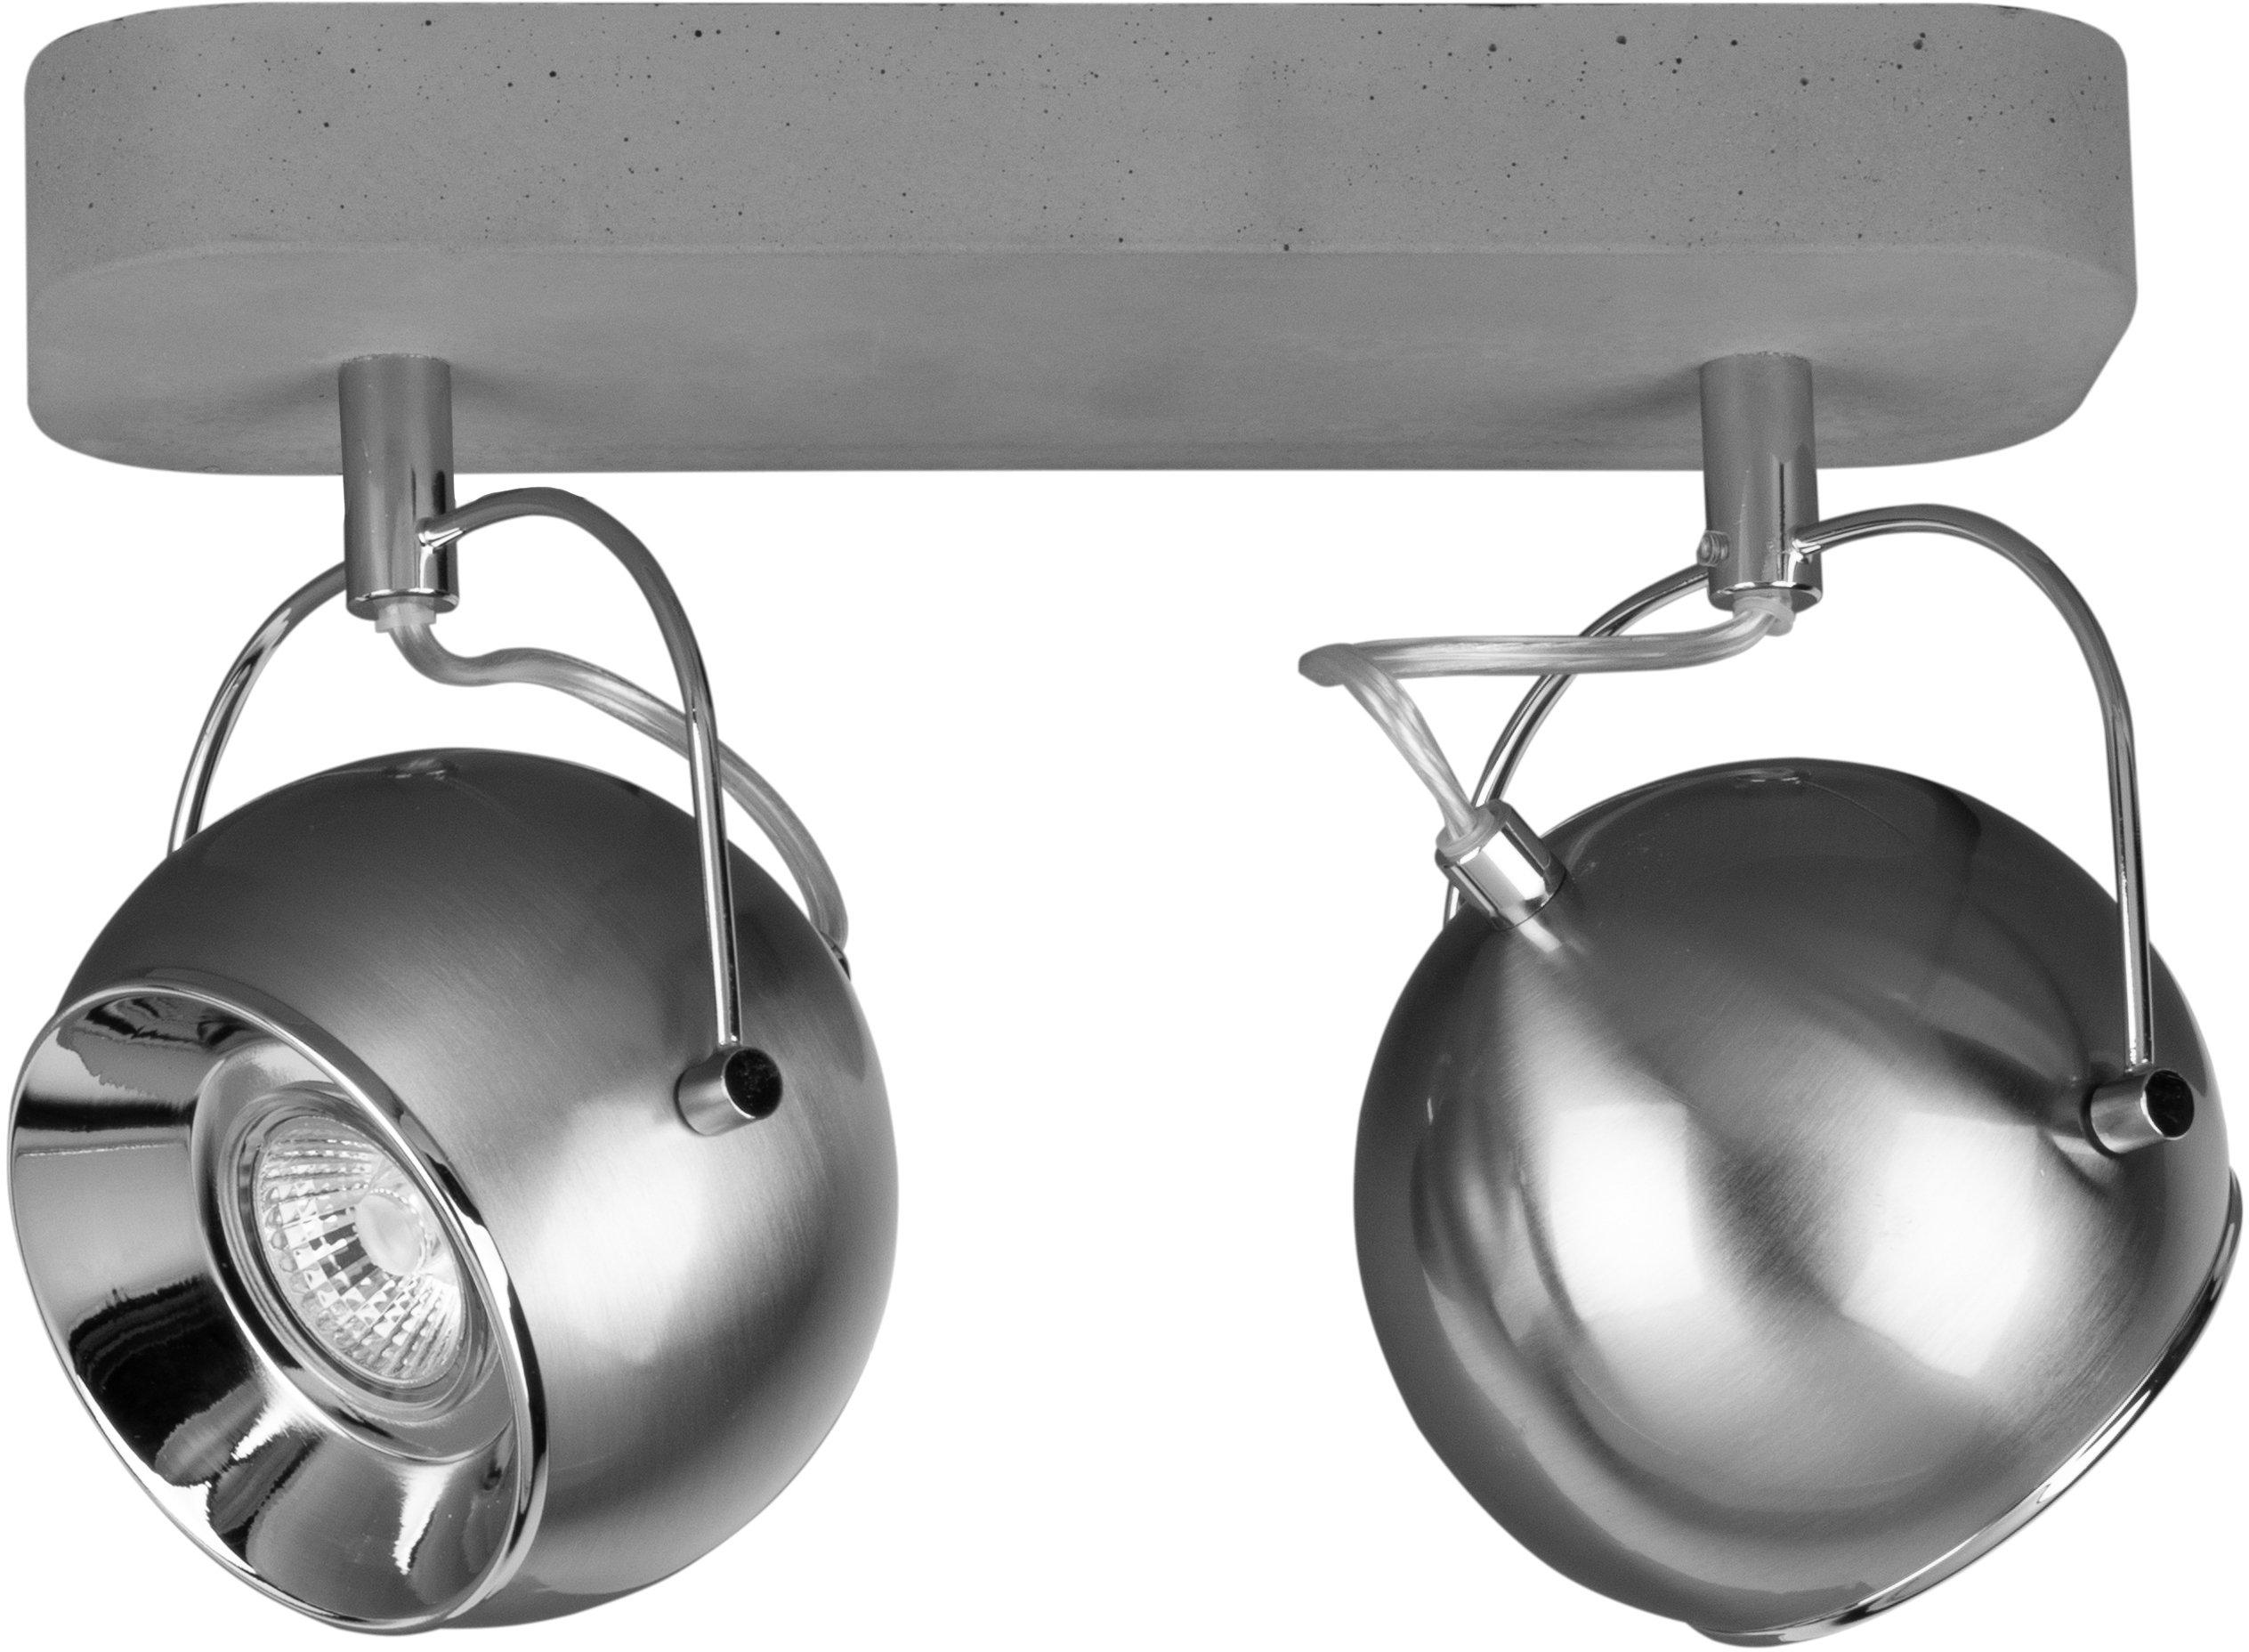 Op zoek naar een SPOT Light plafondlamp Bal CONCRETE Inclusief verwisselbare ledverlichting, beweegbare spotjes, basis van echt beton - met de hand gemaakt, natuurproduct - duurzaam, Made in Europe (1 stuk)? Koop online bij OTTO